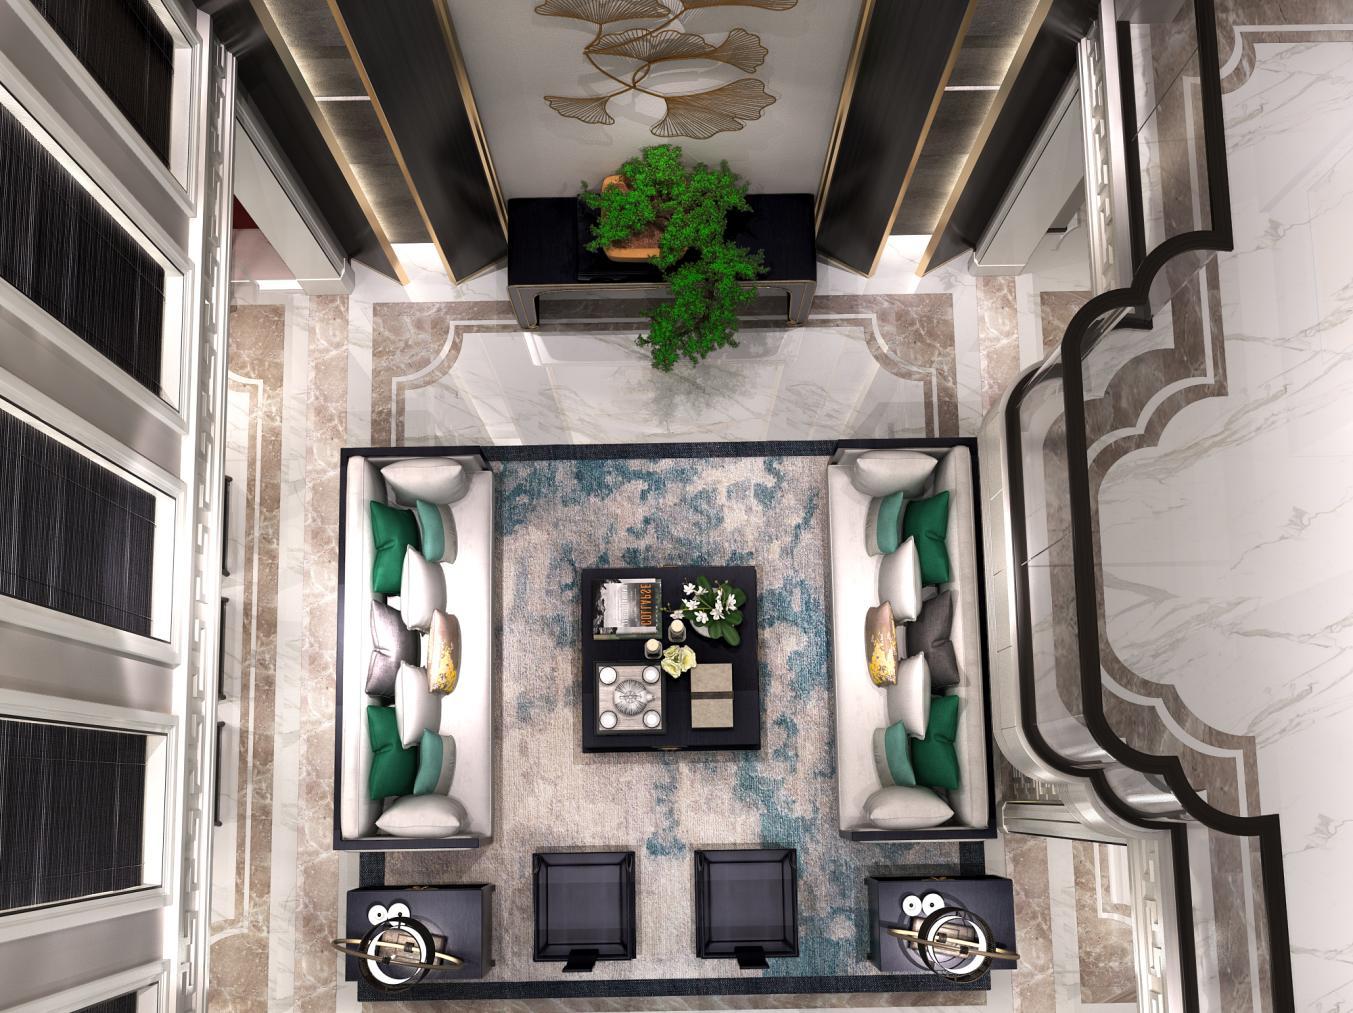 法兰西世家 别墅装修 新中式风格 腾龙设计 客厅图片来自孔继民在法兰西世家别墅装修新中式设计的分享